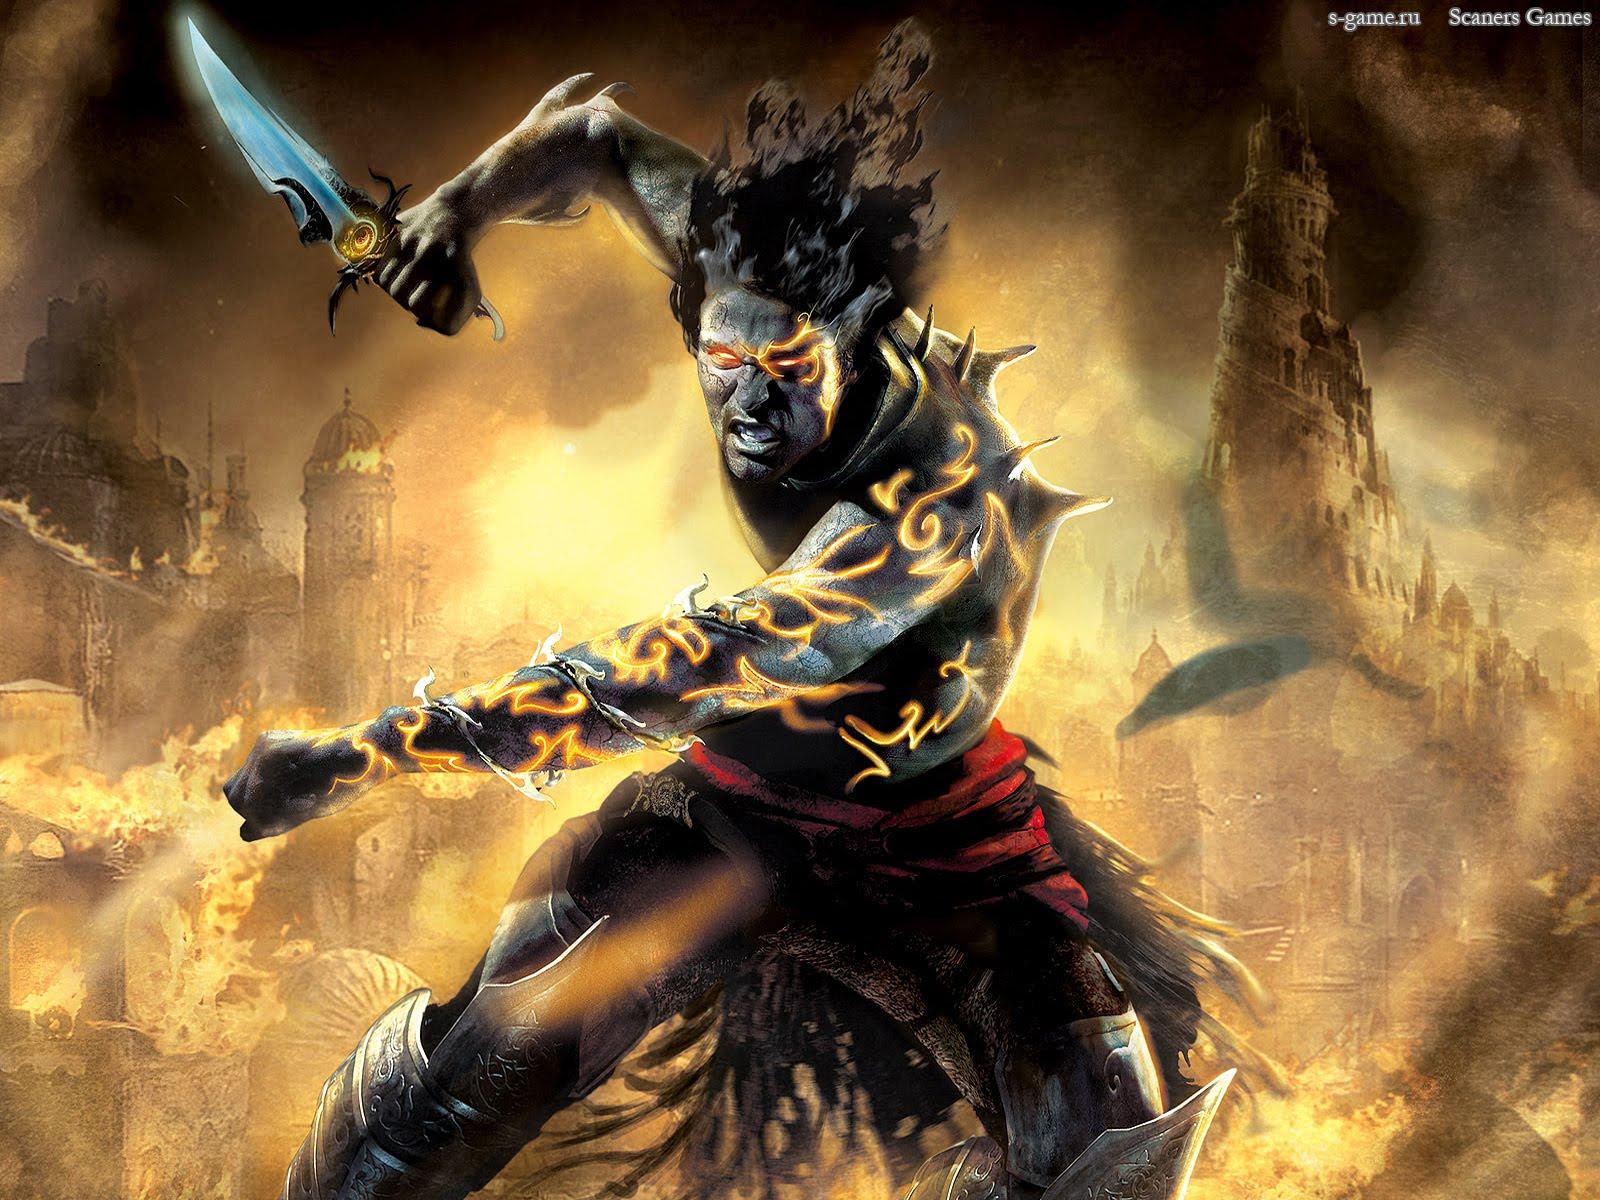 صور لعبة برانس اوف بيرشا Prince-of-Persia-vga.jpg